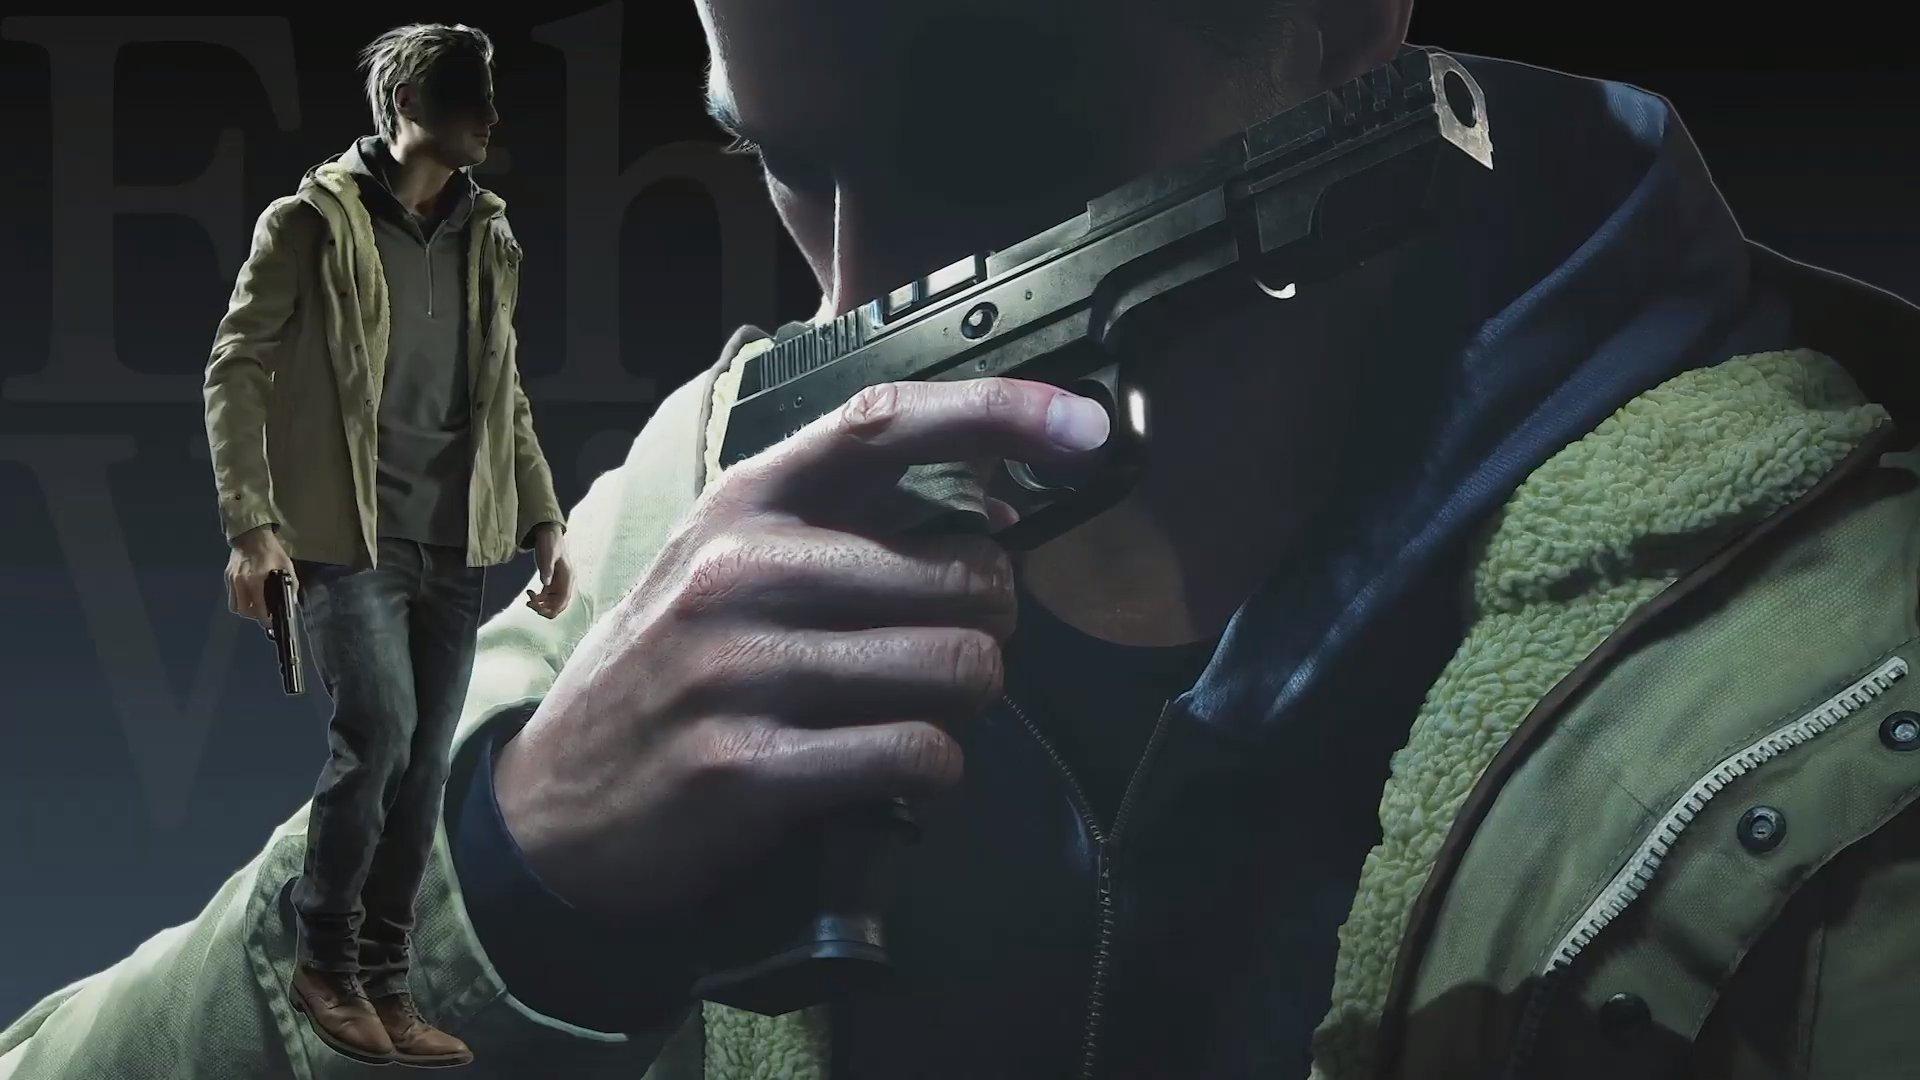 احتمال عرضه Resident Evil Village روی کنسولهای نسل فعلی + اطلاعات جدید از بازی